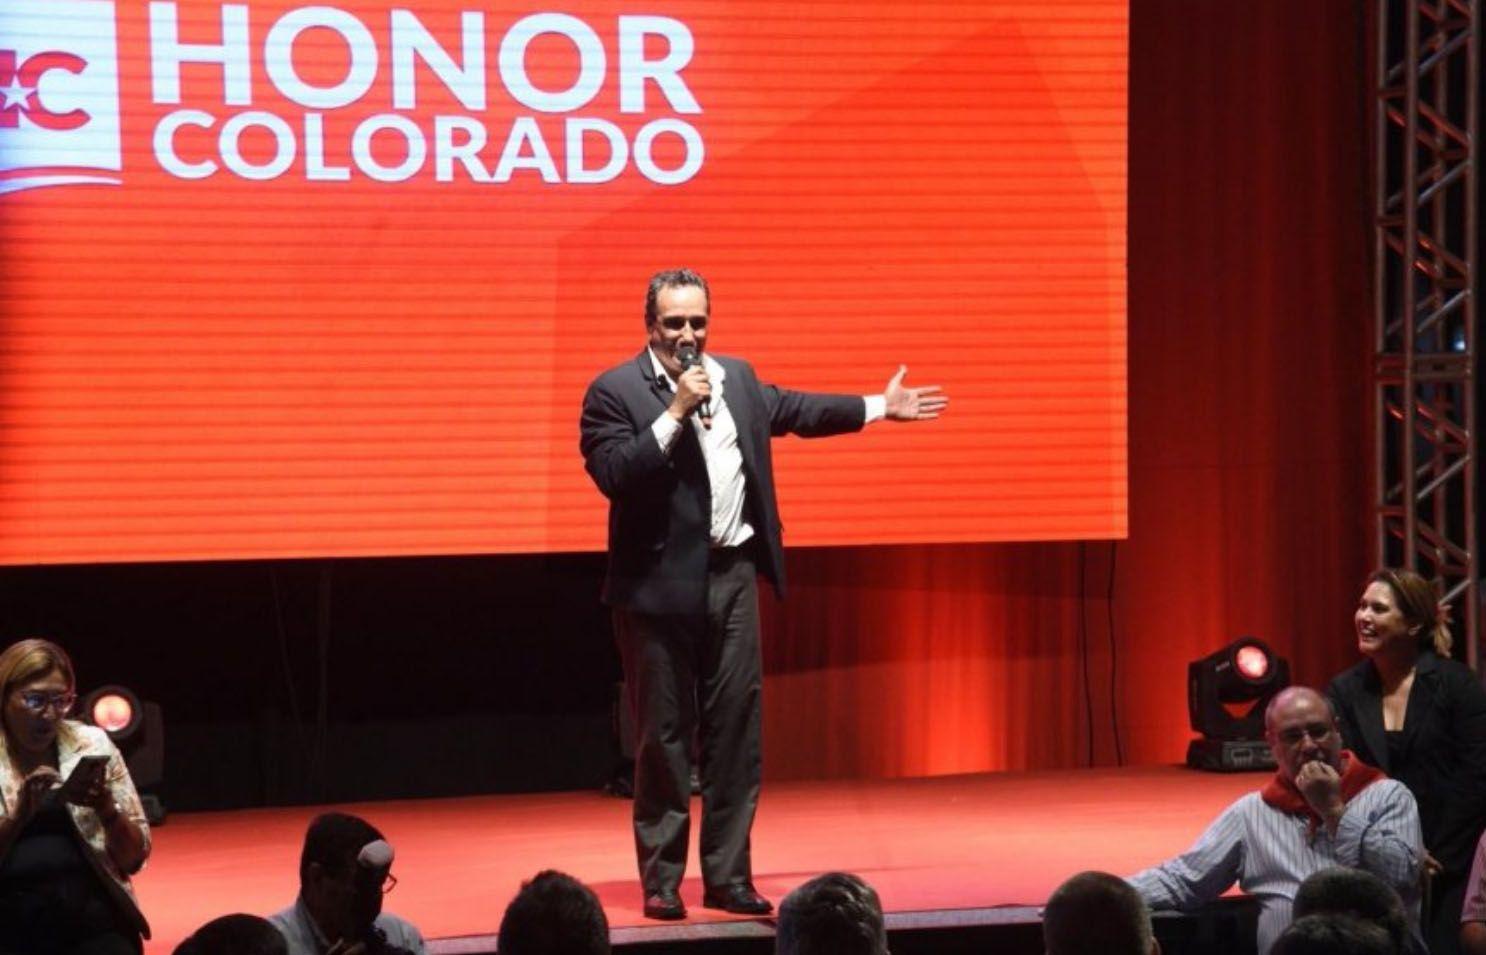 Hugo Javier animando una plenaria de Honor Colorado, sector liderado por H. Cartes. (Archivo).